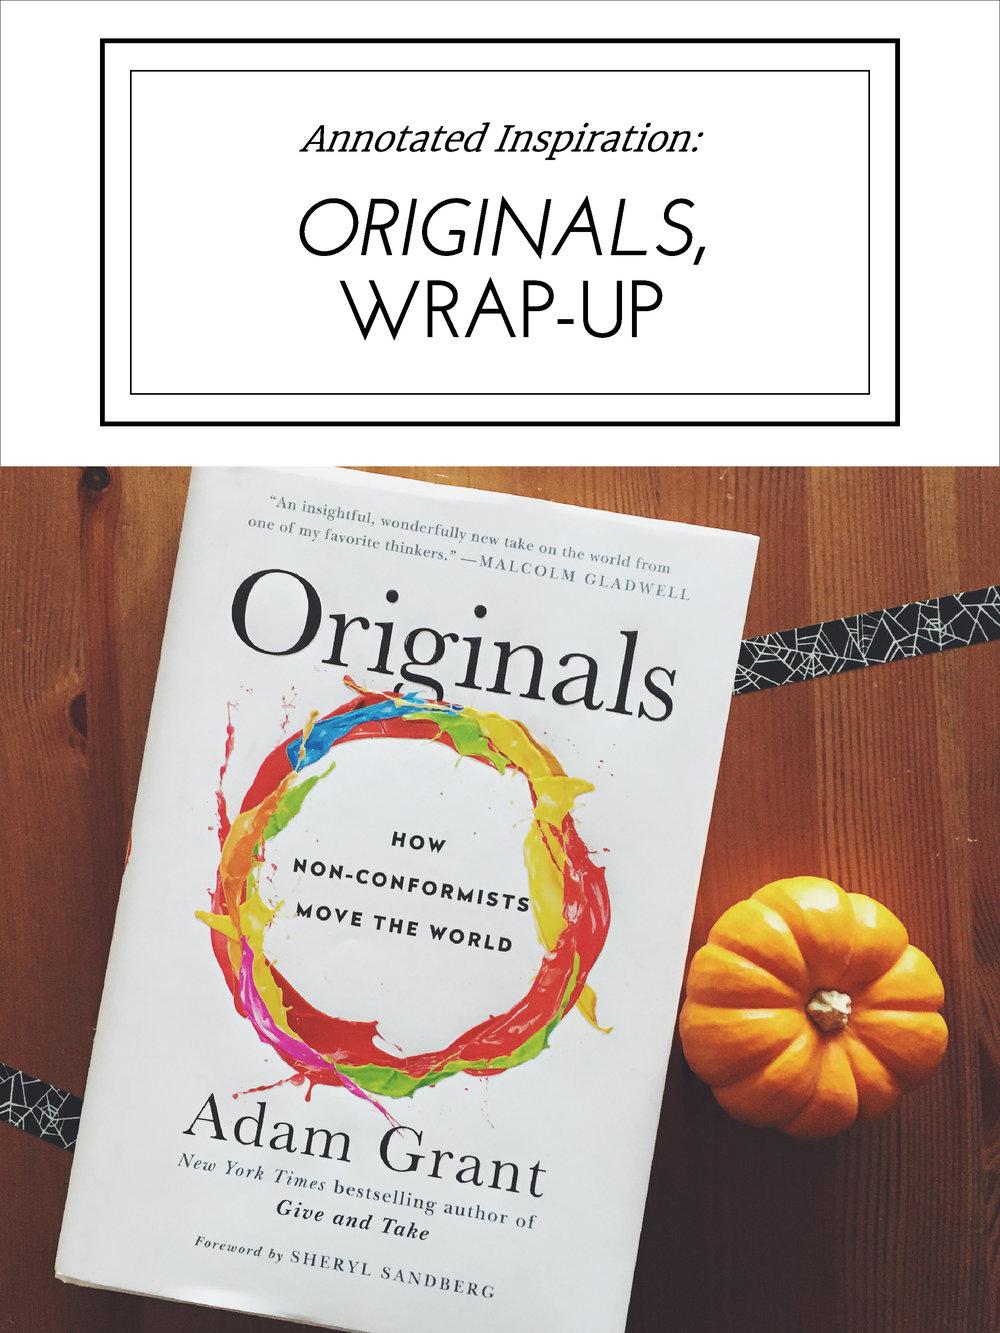 Annotated Inspiration: Originals Wrap-Up